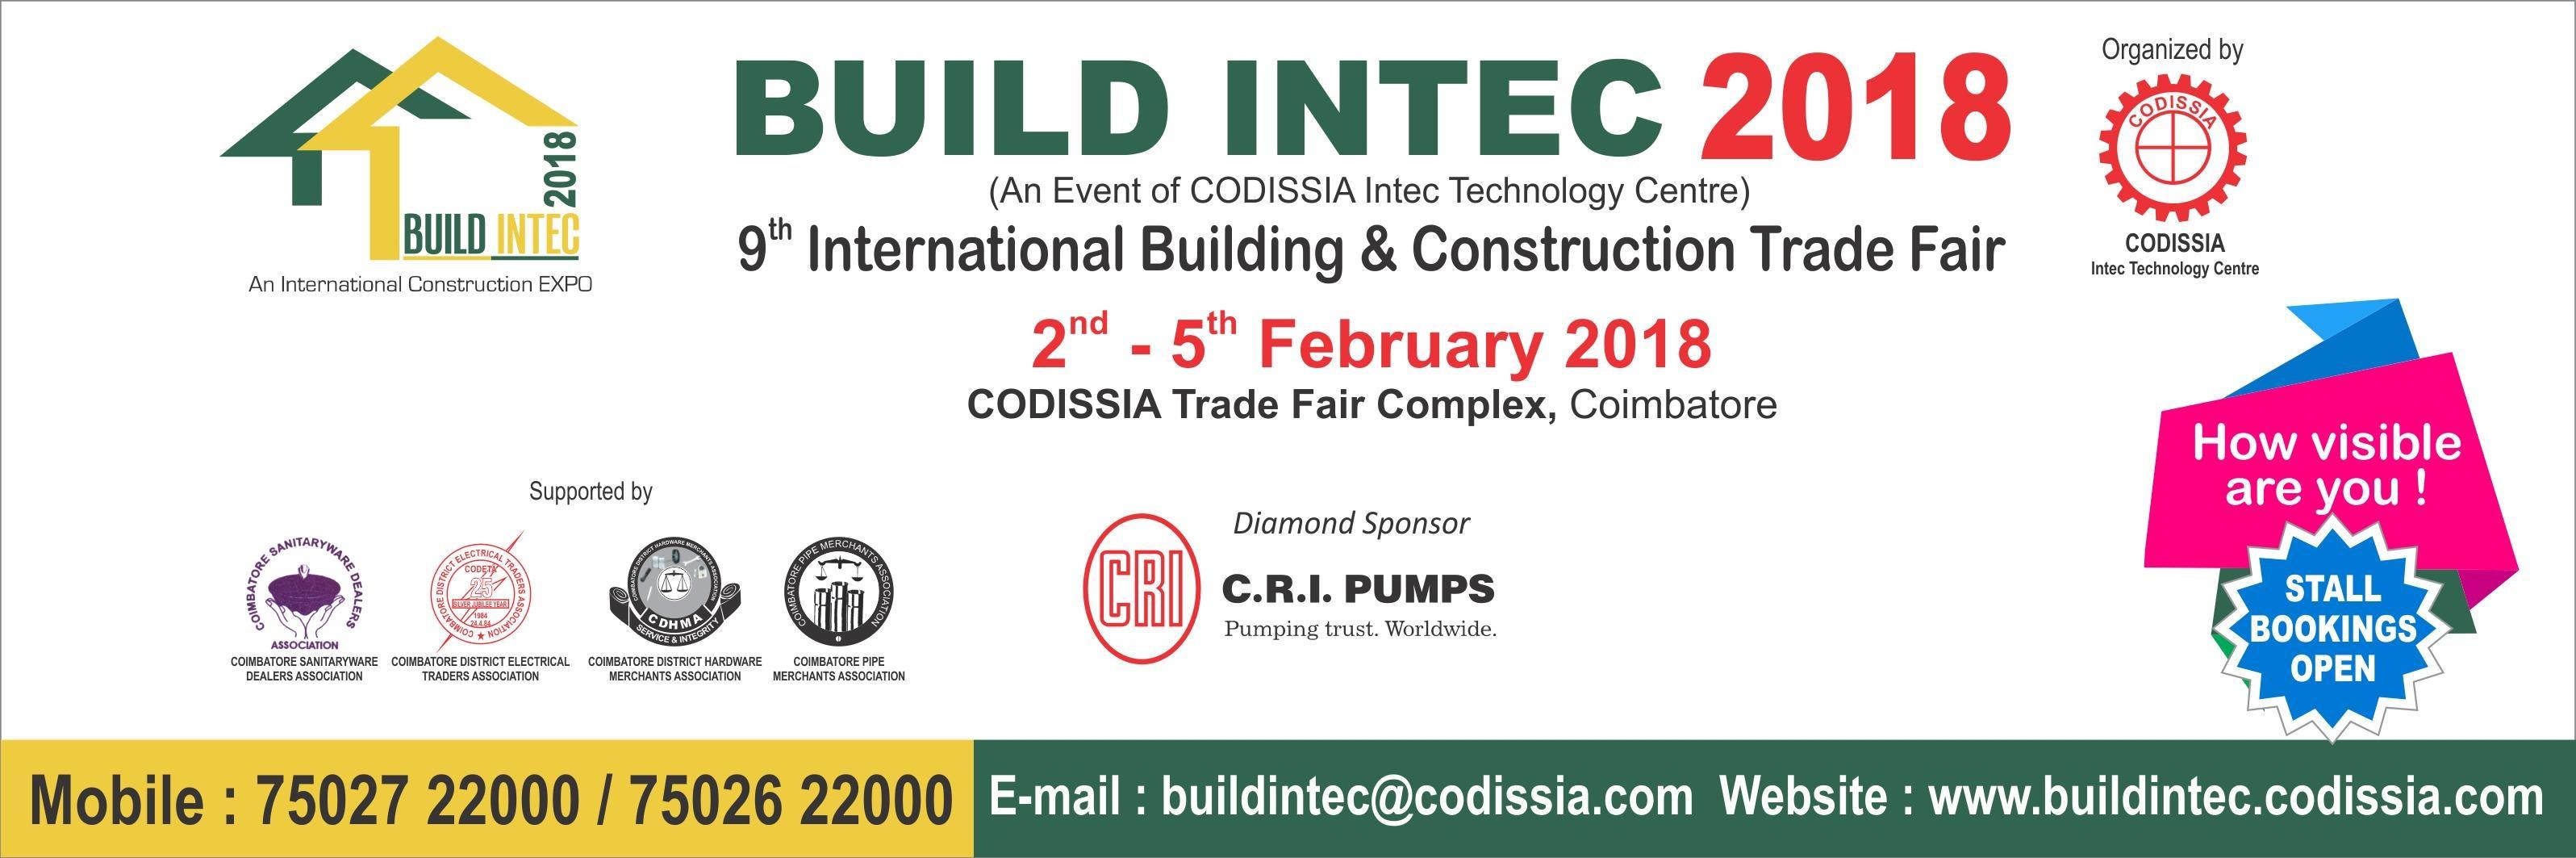 build intec 2018